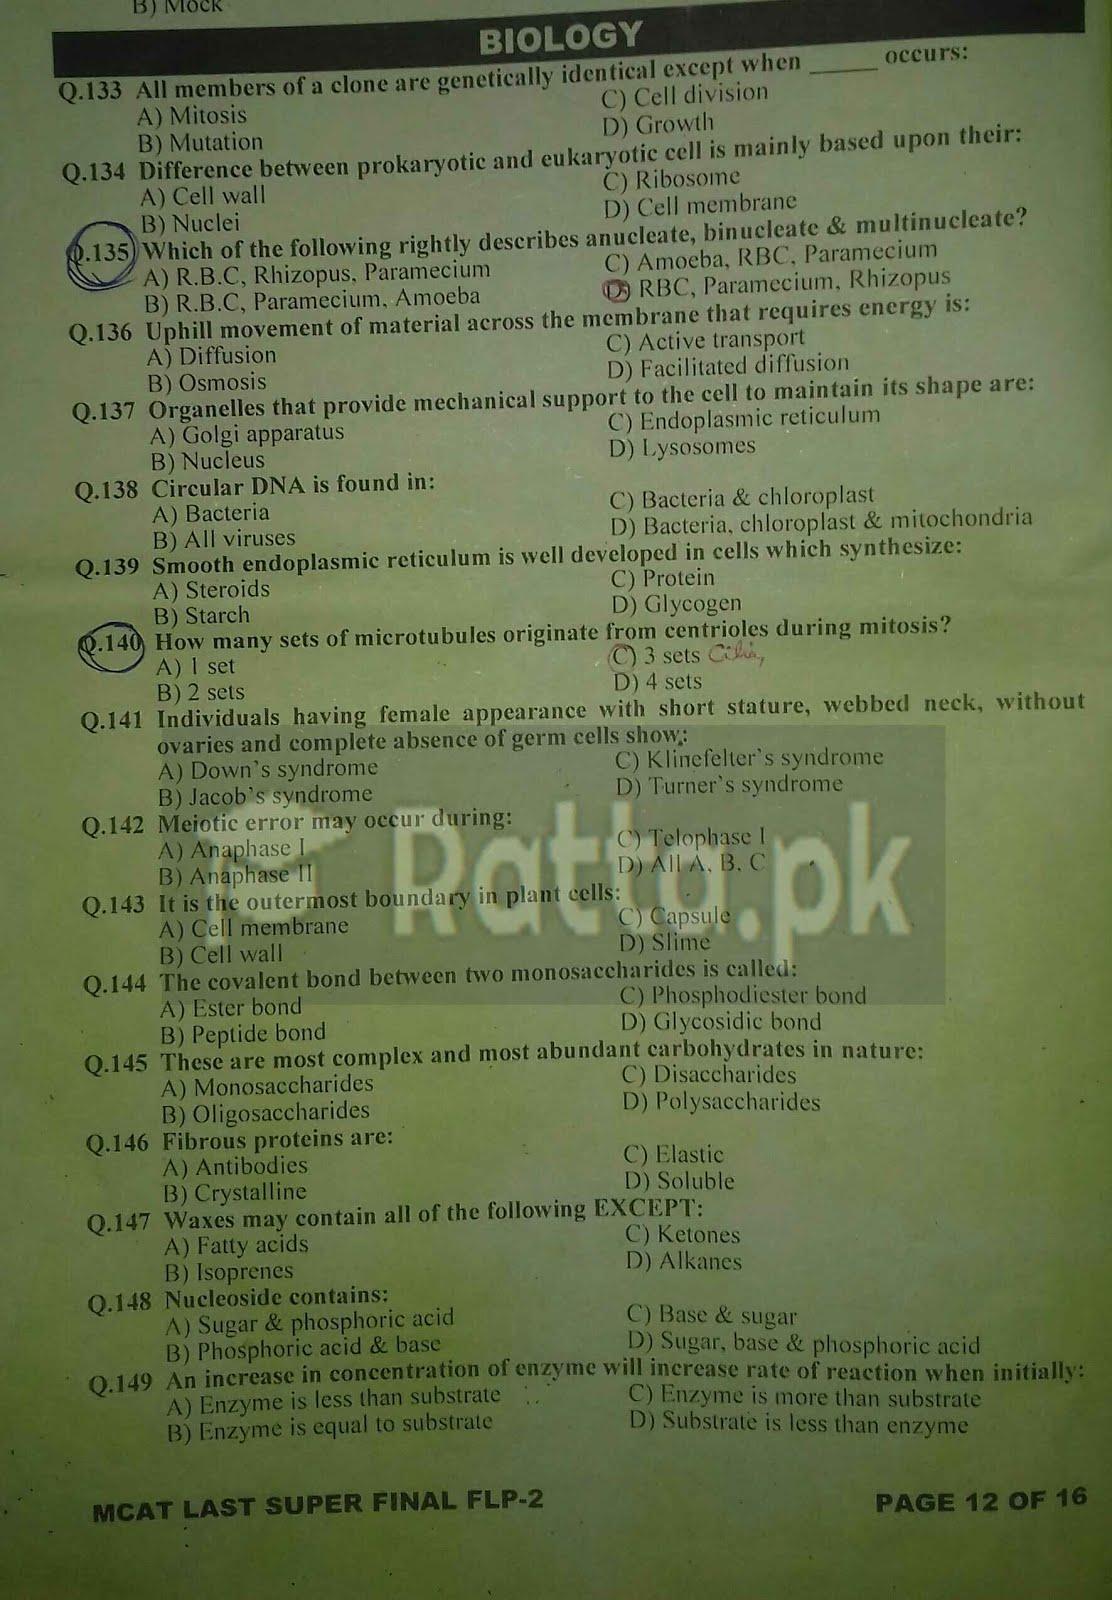 KIPS MCAT Biology Full Length Paper-2 1